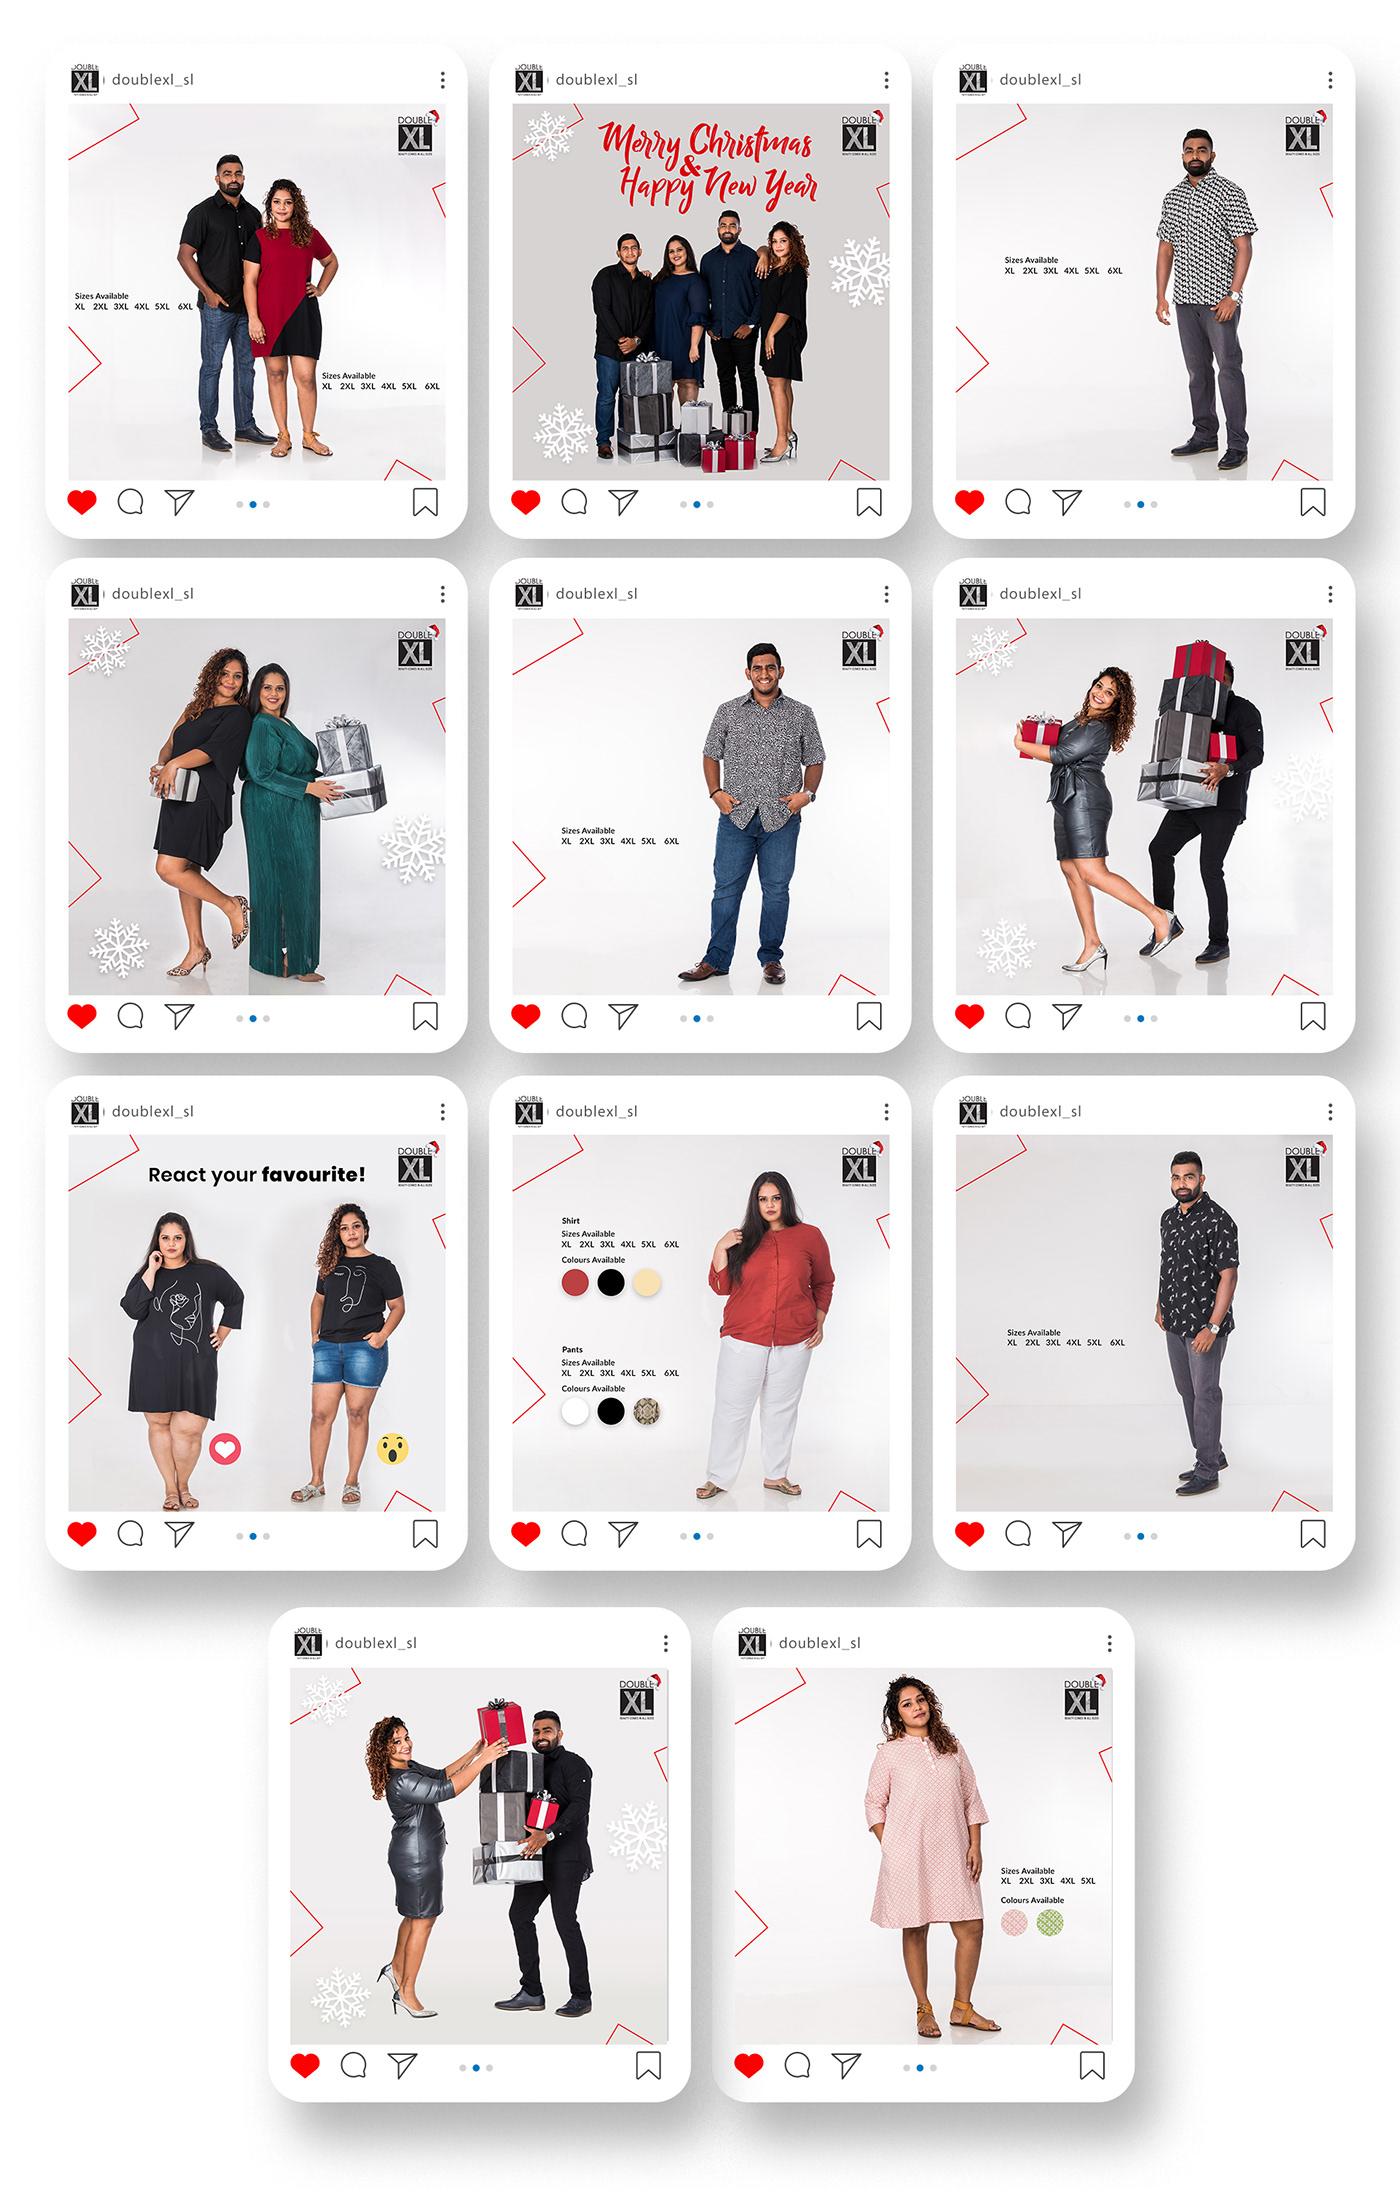 content creation digital marketing facebook instagram social media